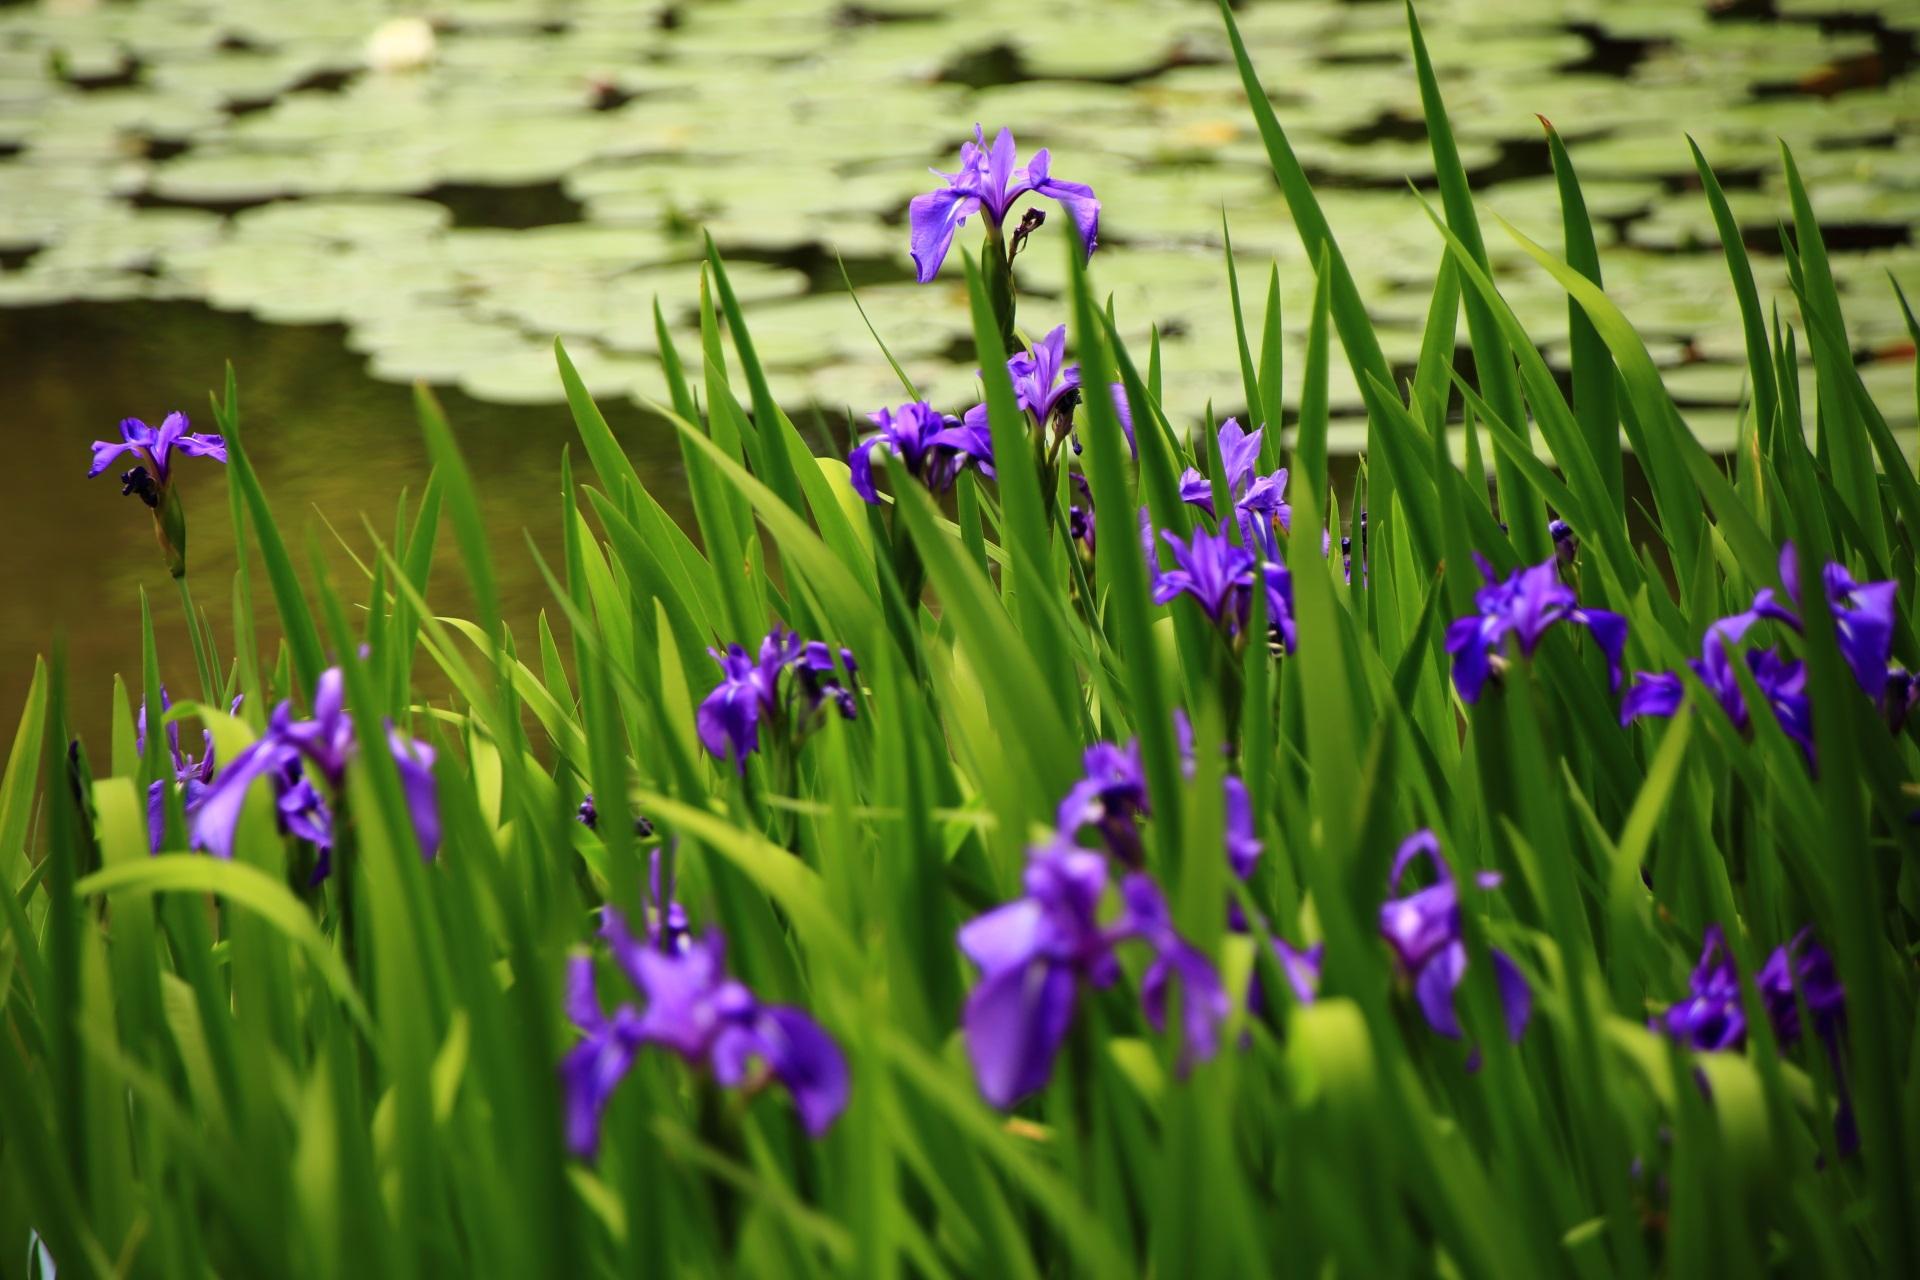 緑の中で優雅に揺らぐ紫の杜若